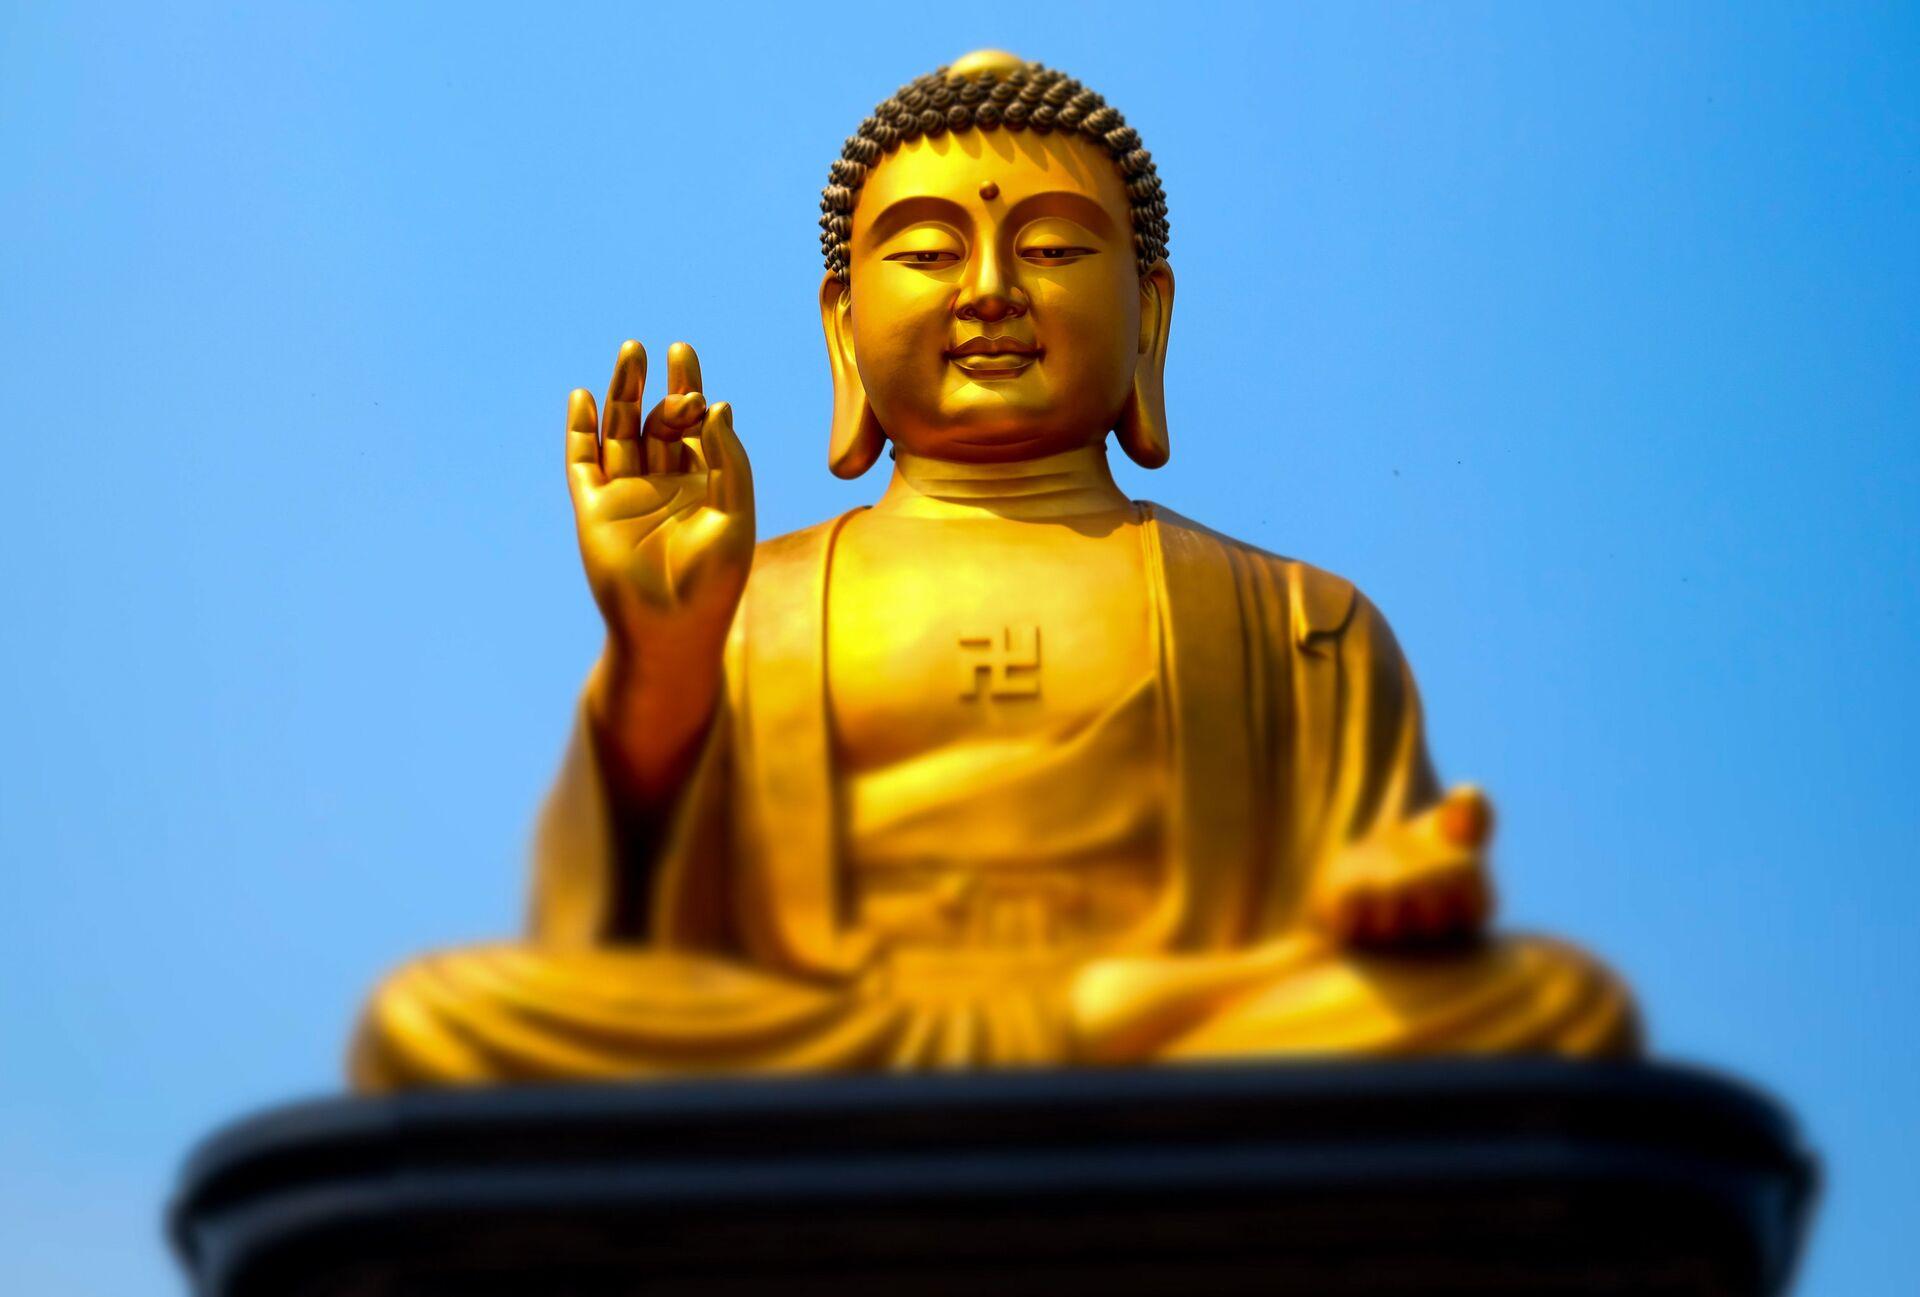 Позолоченная статуя Будды на территории монастыря Фо Гуан Сан в городе Гаосюн - ПРОФИ Новости, 1920, 13.09.2021